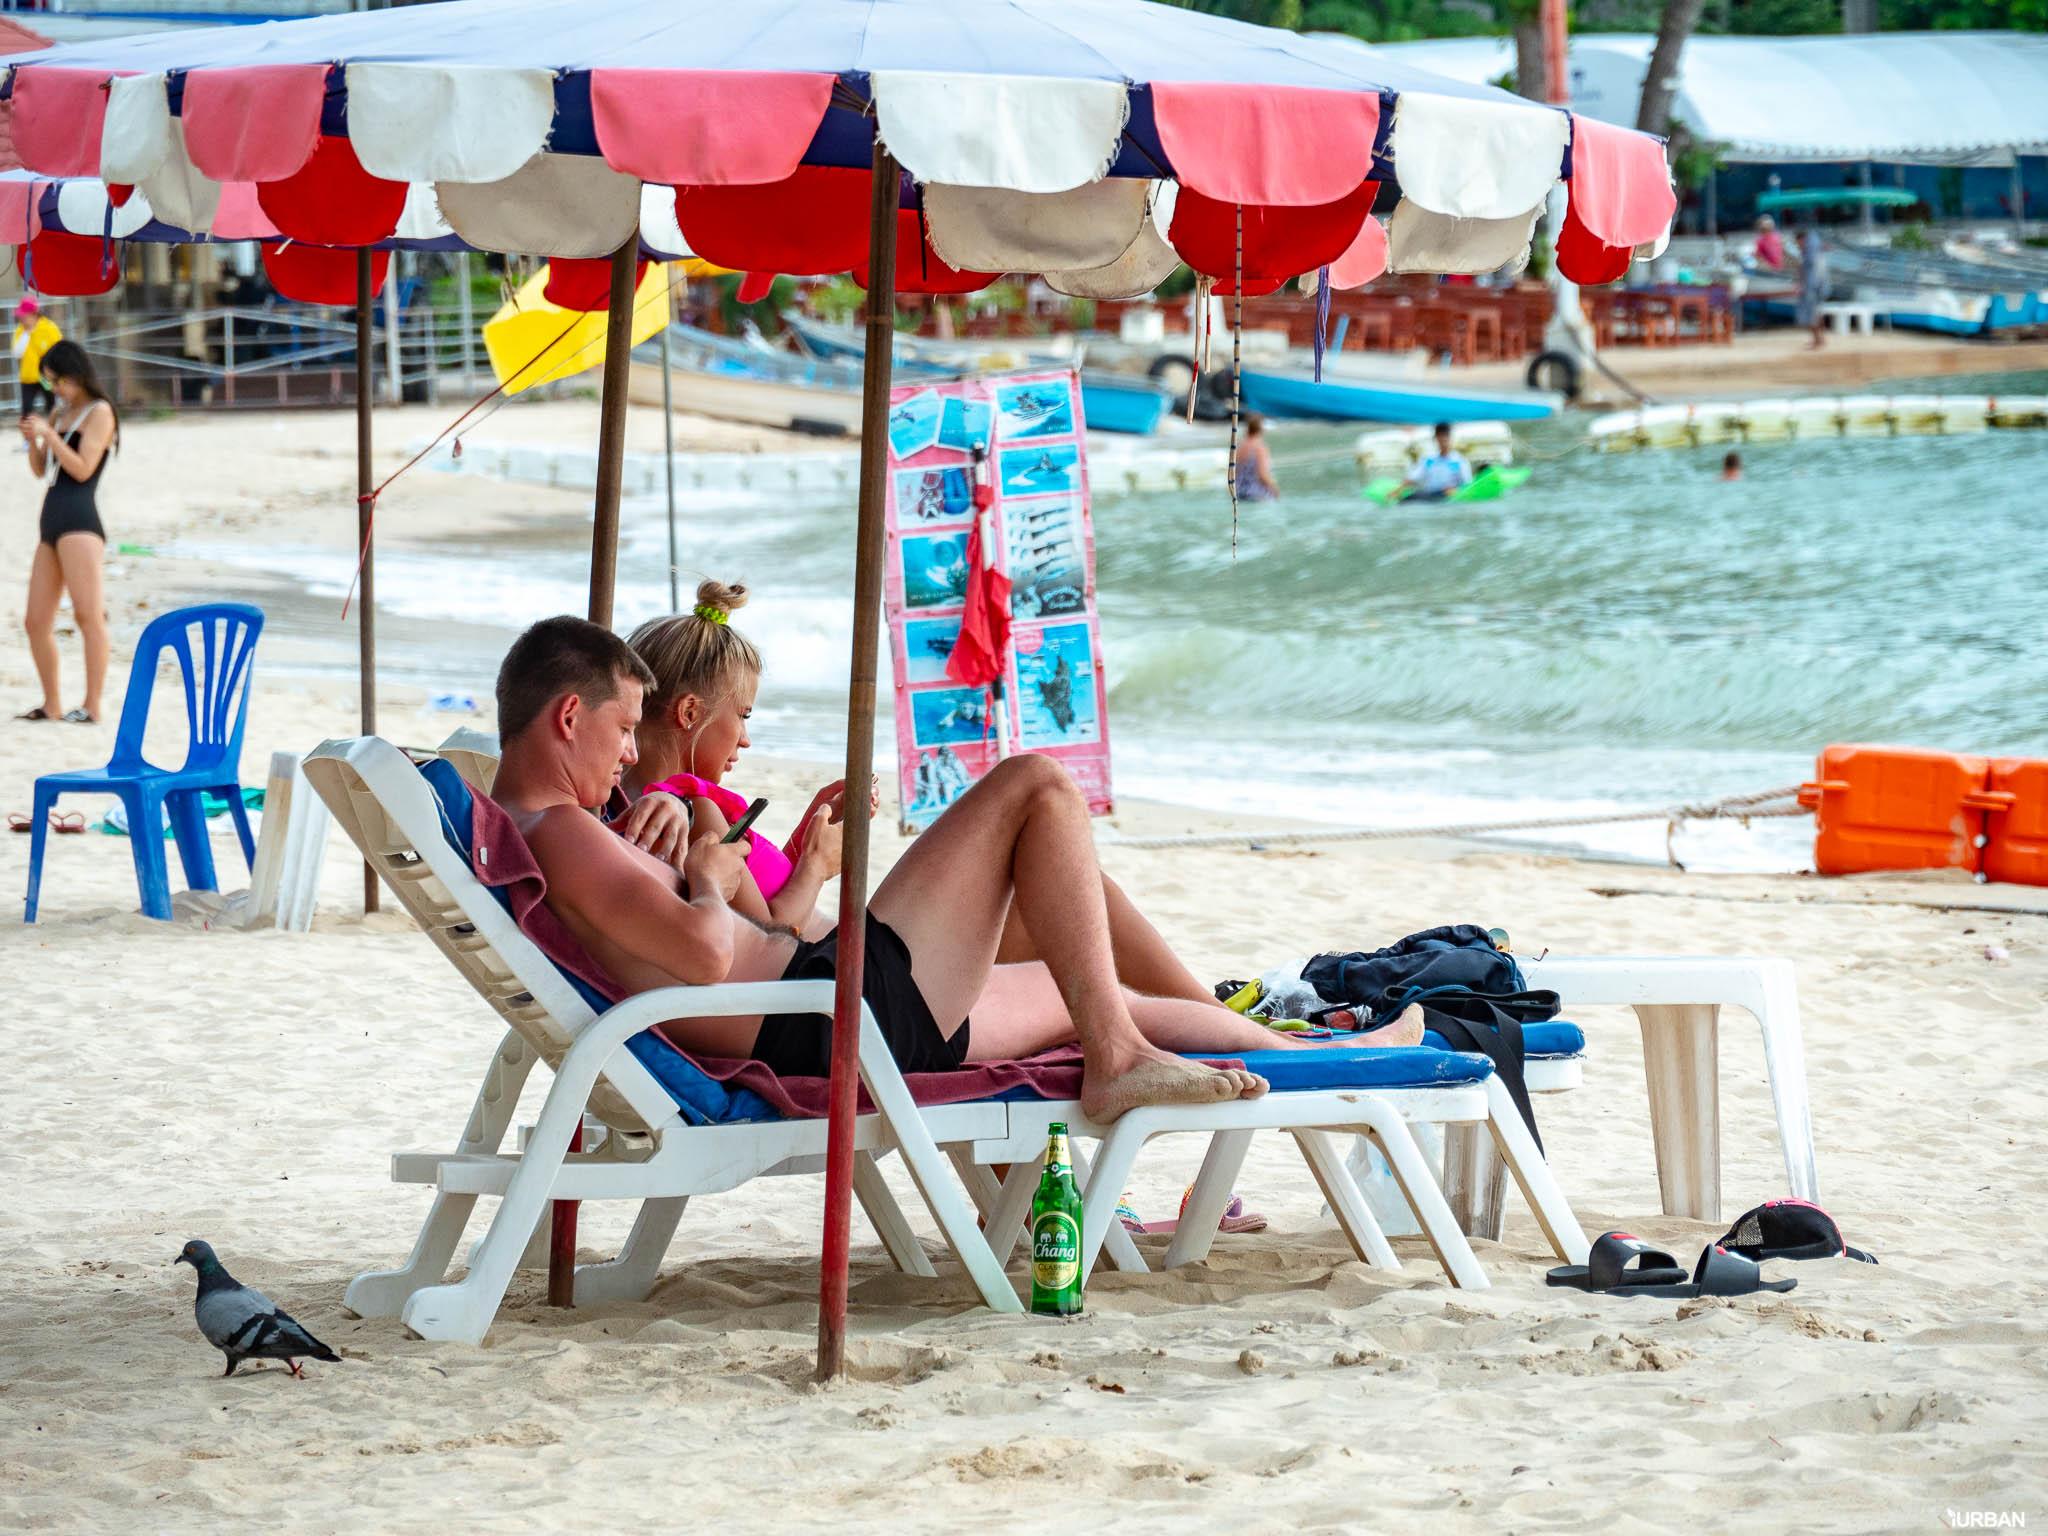 7 ชายหาดทะเลพัทยา ที่ยังสวยสะอาดน่าเที่ยวใกล้กรุงเทพ ไม่ต้องหนีร้อนไปไกล ก็พักได้ ชิลๆ 174 - Beach